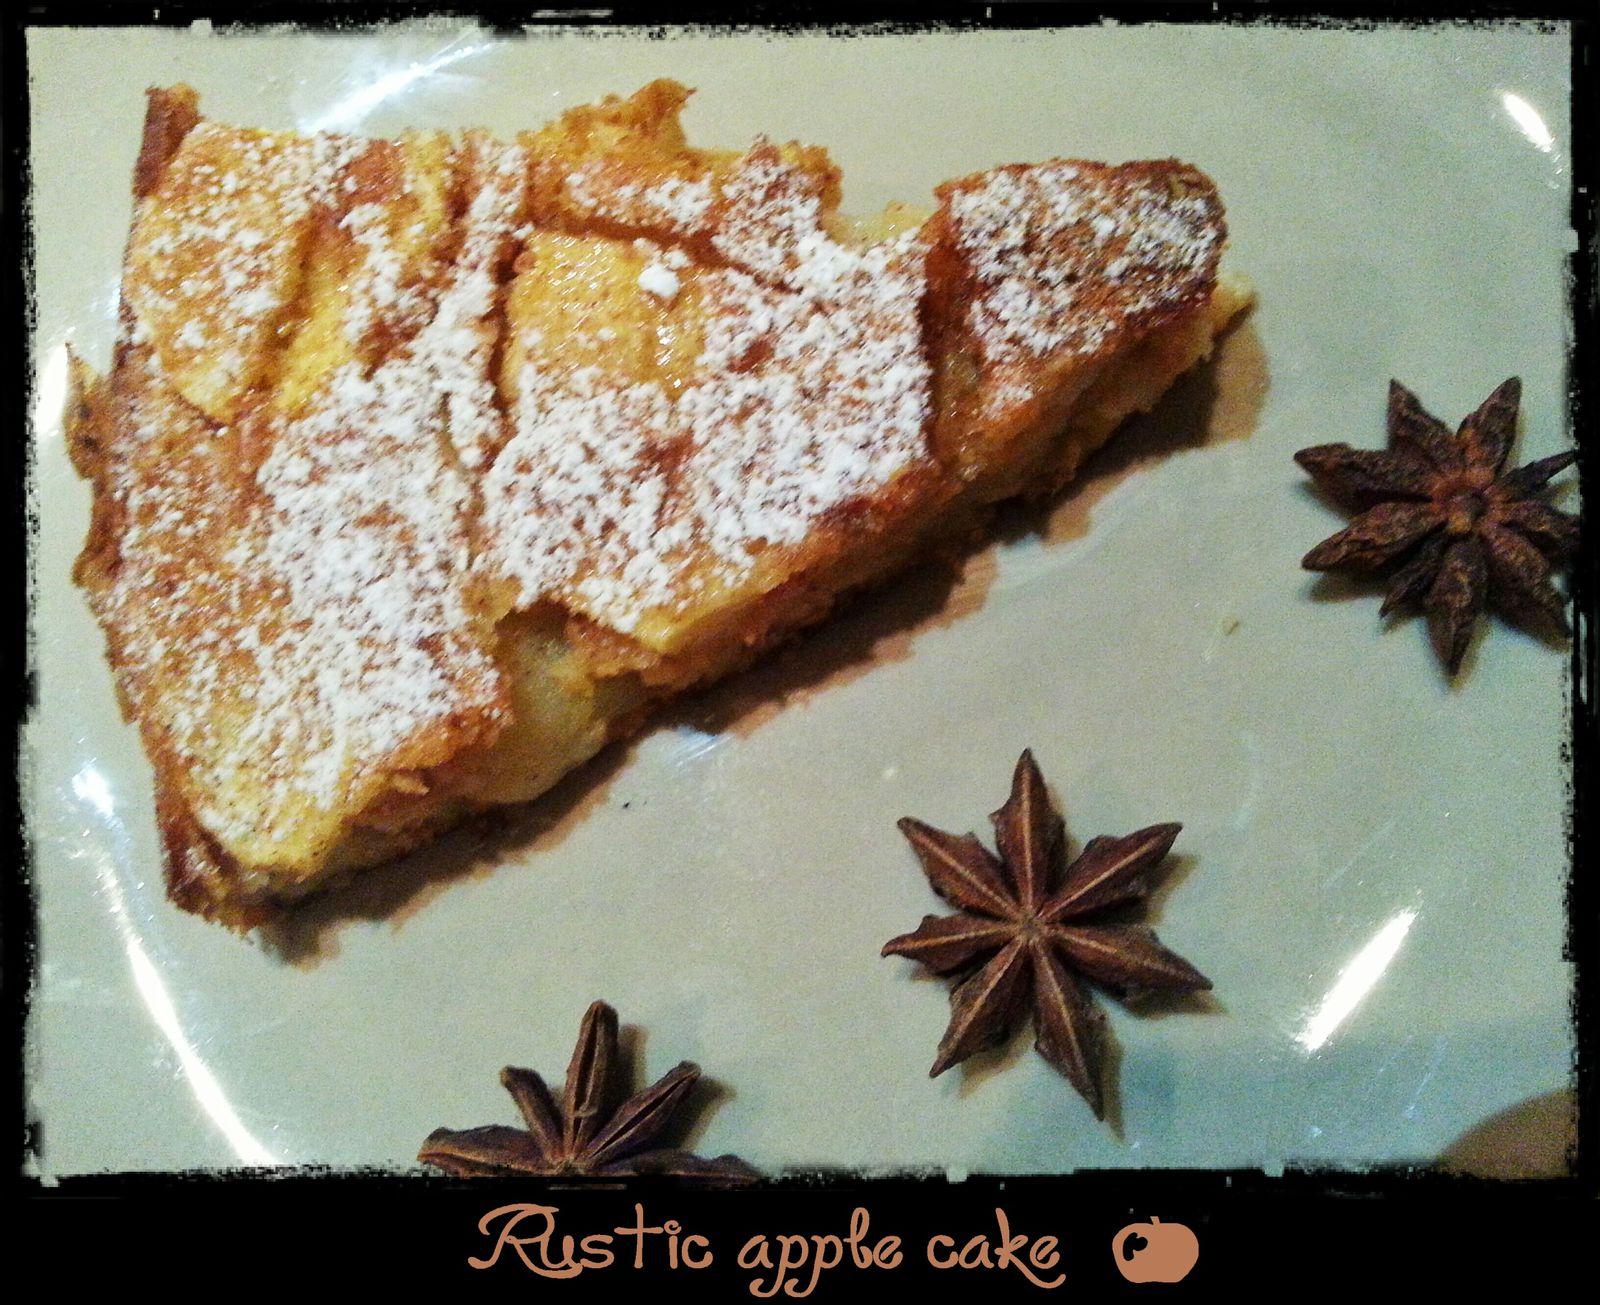 De la cannelle, des pommes : c'est l'automne avec le rustic apple cake